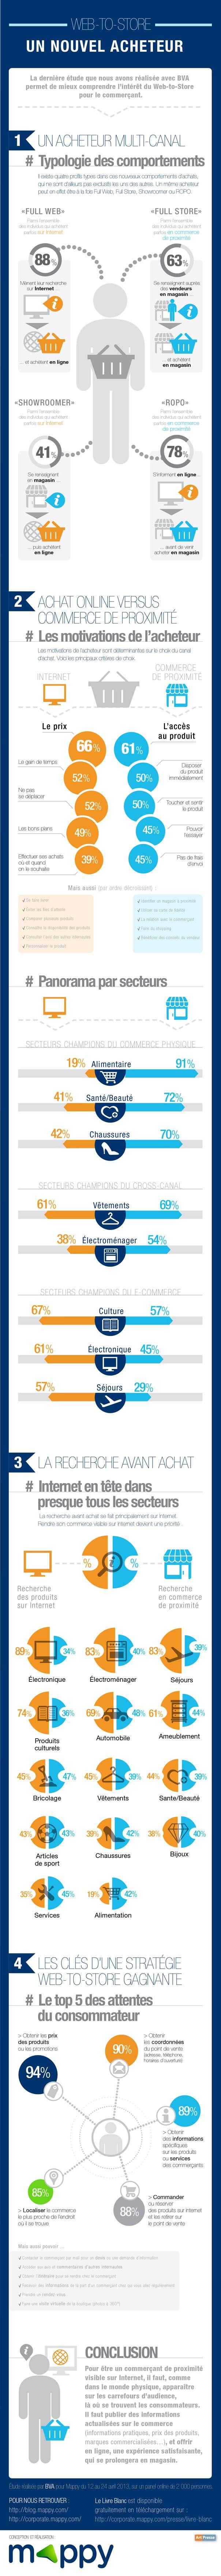 Consommateurs multi-canal : Typologie des comportements | Ecommerce - Webmarketing - Le Blog Cible web